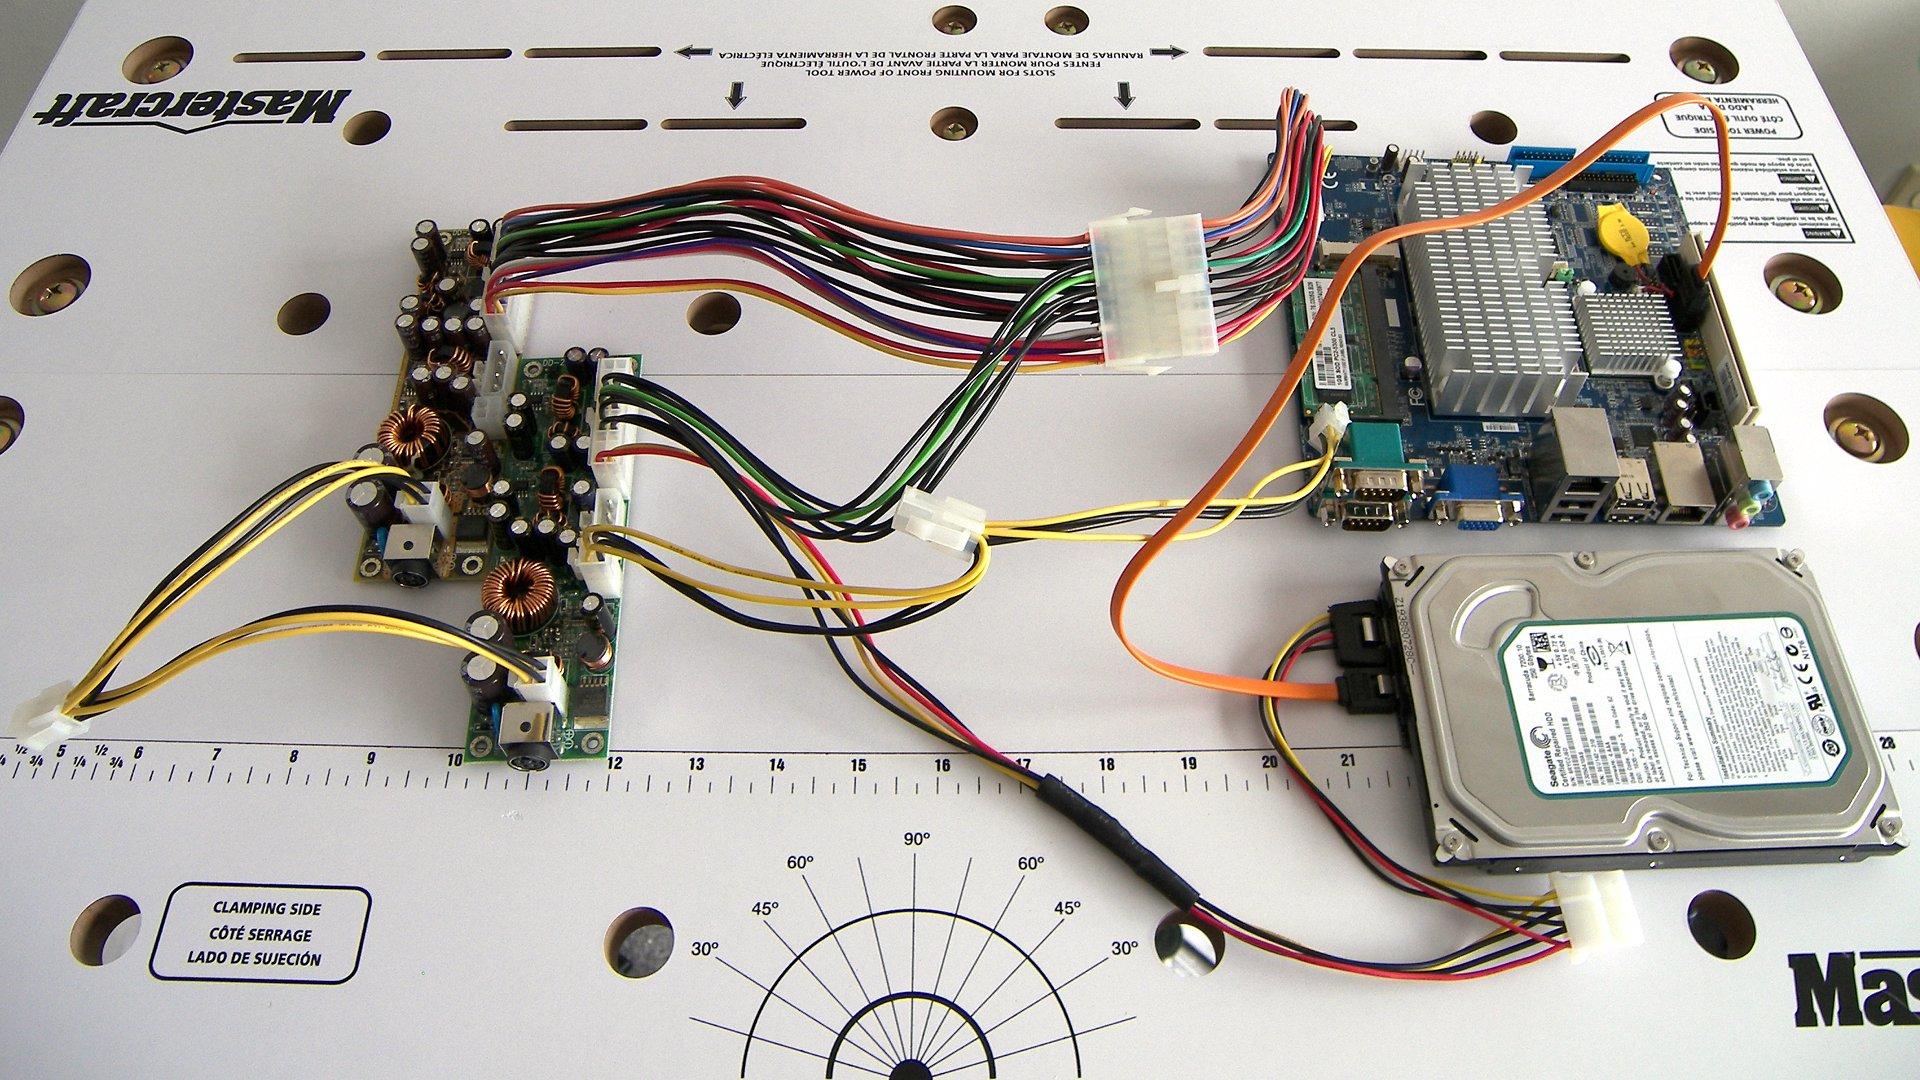 Pc Power Supply Wiring Diagram | Best Wiring Library - Computer Power Supply Wiring Diagram